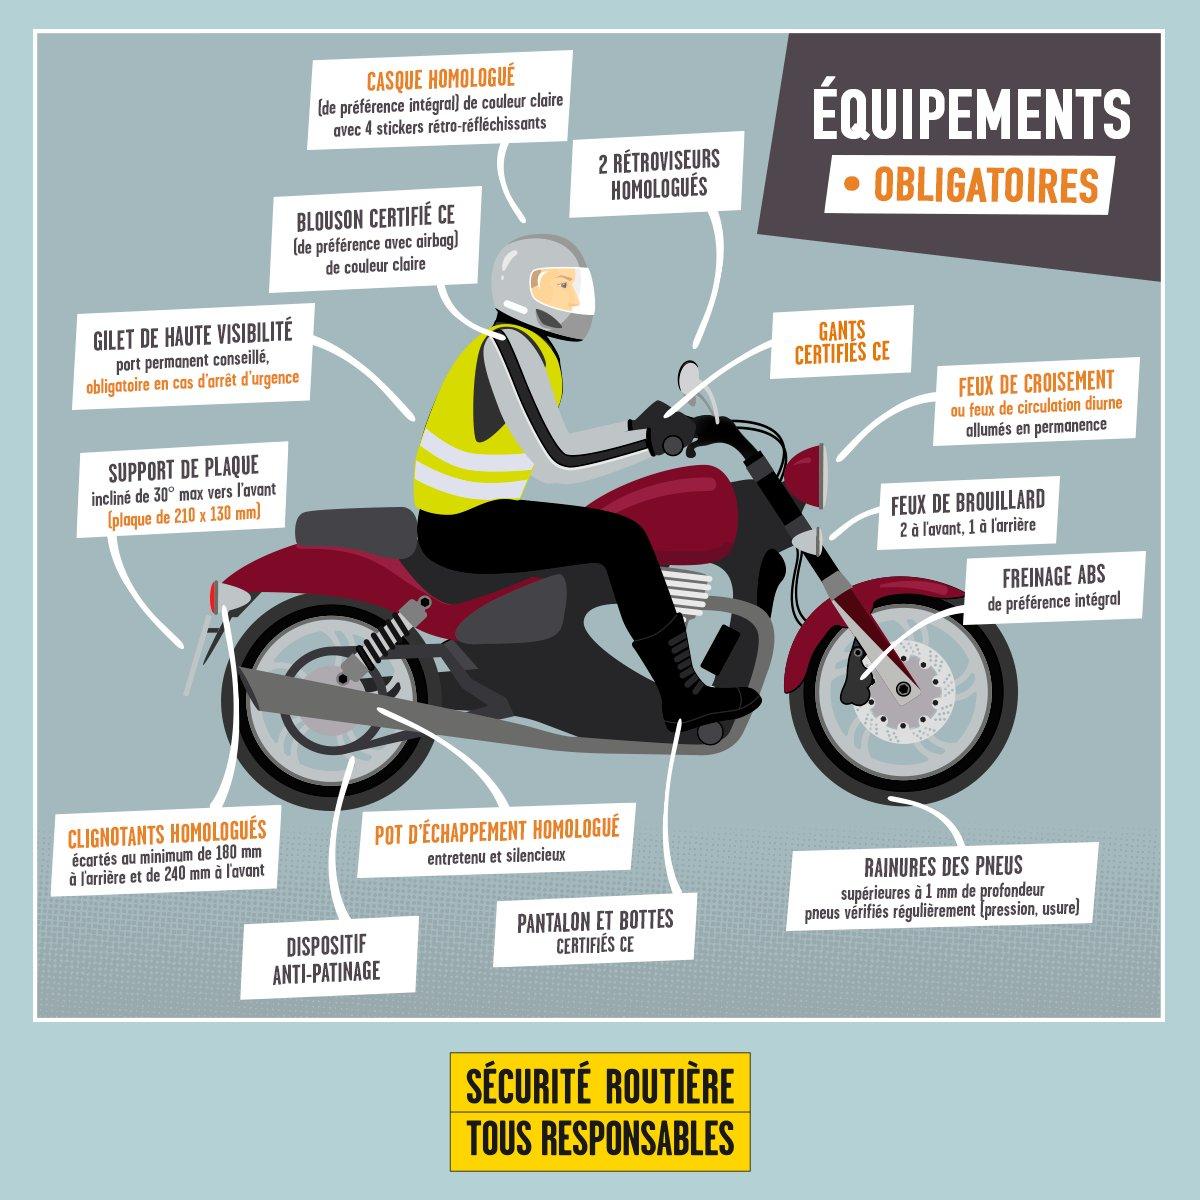 Un petit rappel des #règles de #circulation en deux-roues ne fait pas de mal : casque et tenue adaptée sont obligatoires, hiver comme été ! #moto #SécuritéRoutière #Lormont #gironde twitter.com/PrefAquitaine3…